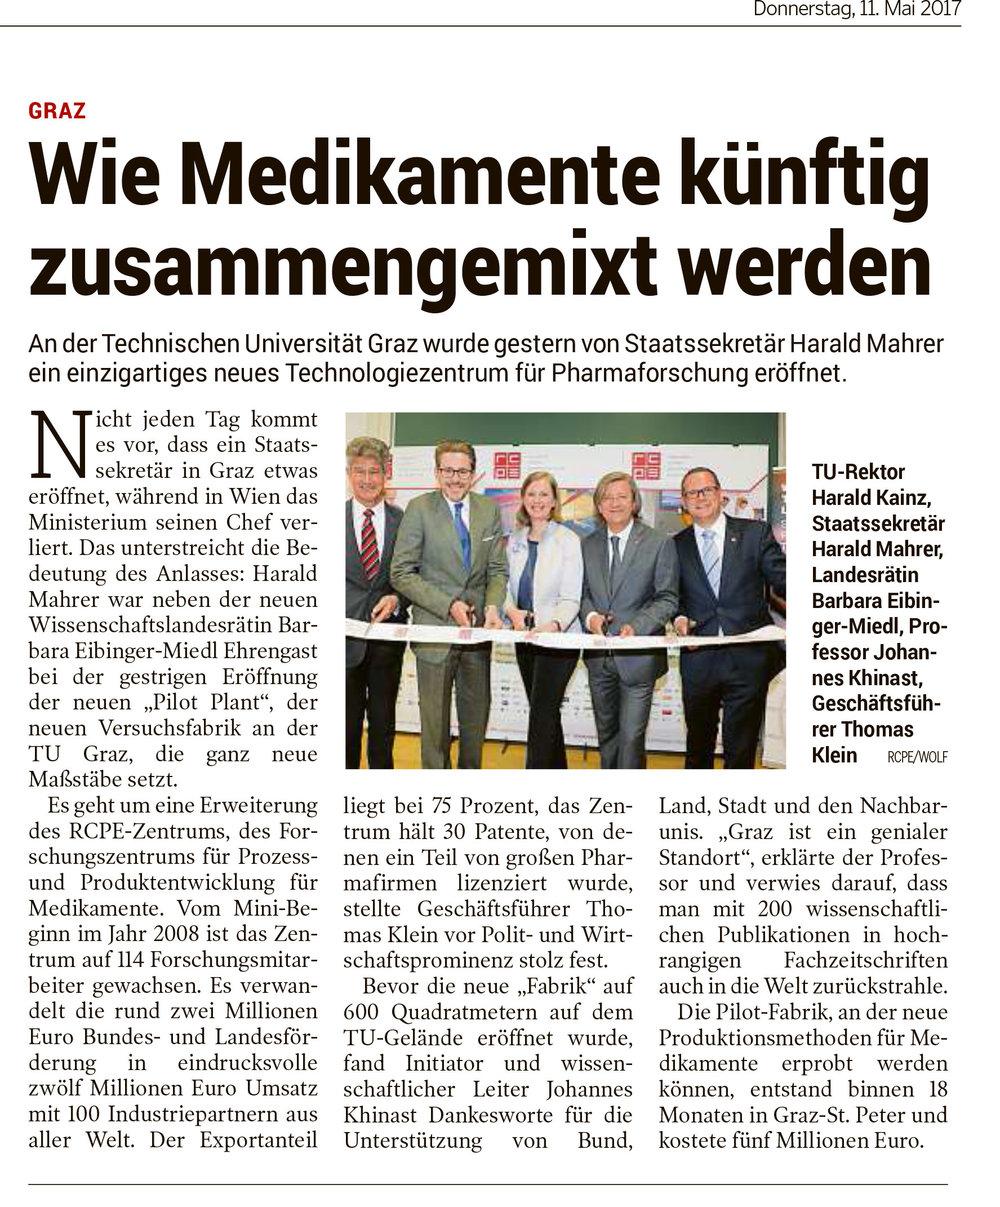 Kleine_Zeitung_Wie-Medikamente-zukünftig-zusammengemixt-werden_11052017.jpg